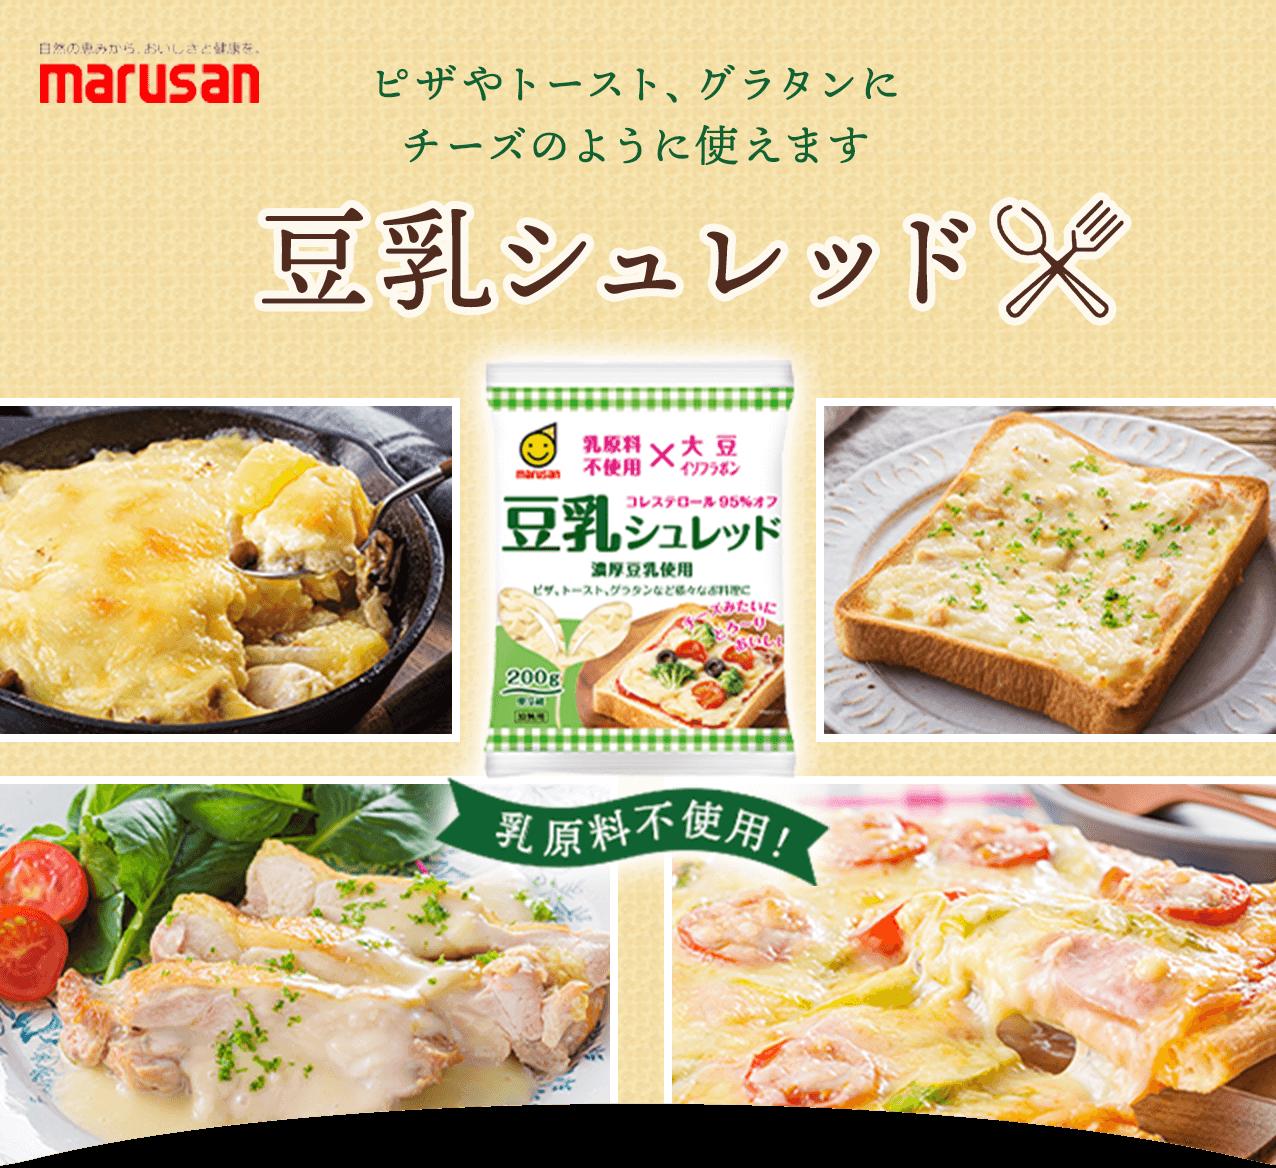 ピザやトースト、グラタンに チーズのように使えます  豆乳シュレッド